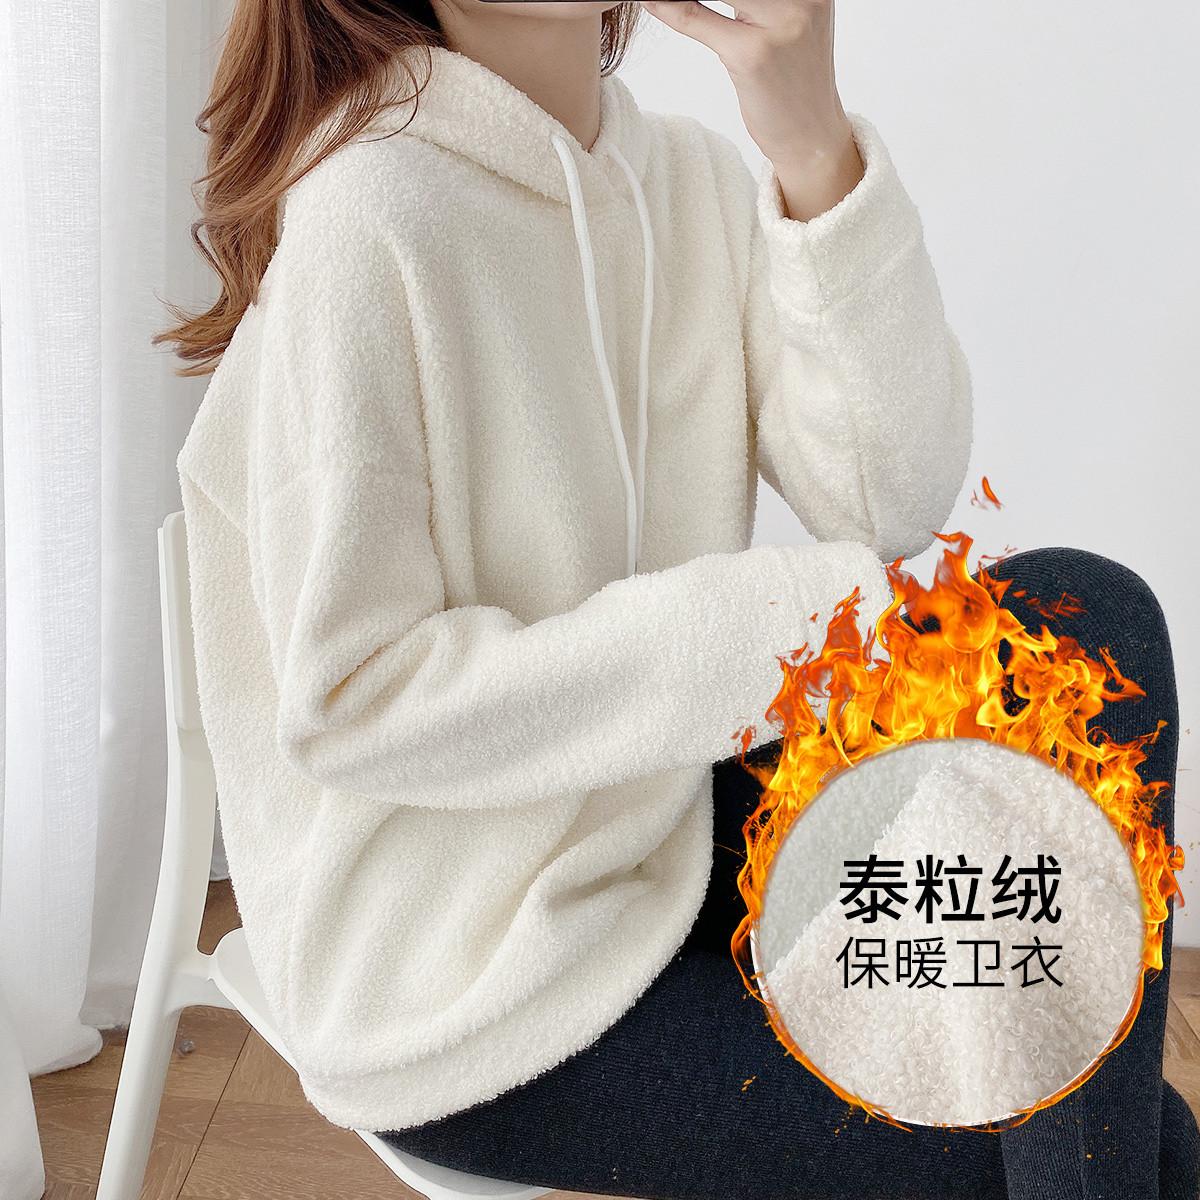 【亲肤泰迪绒】保暖女帽衫 拉夏贝尔旗下冬季时尚泰粒绒女式卫衣